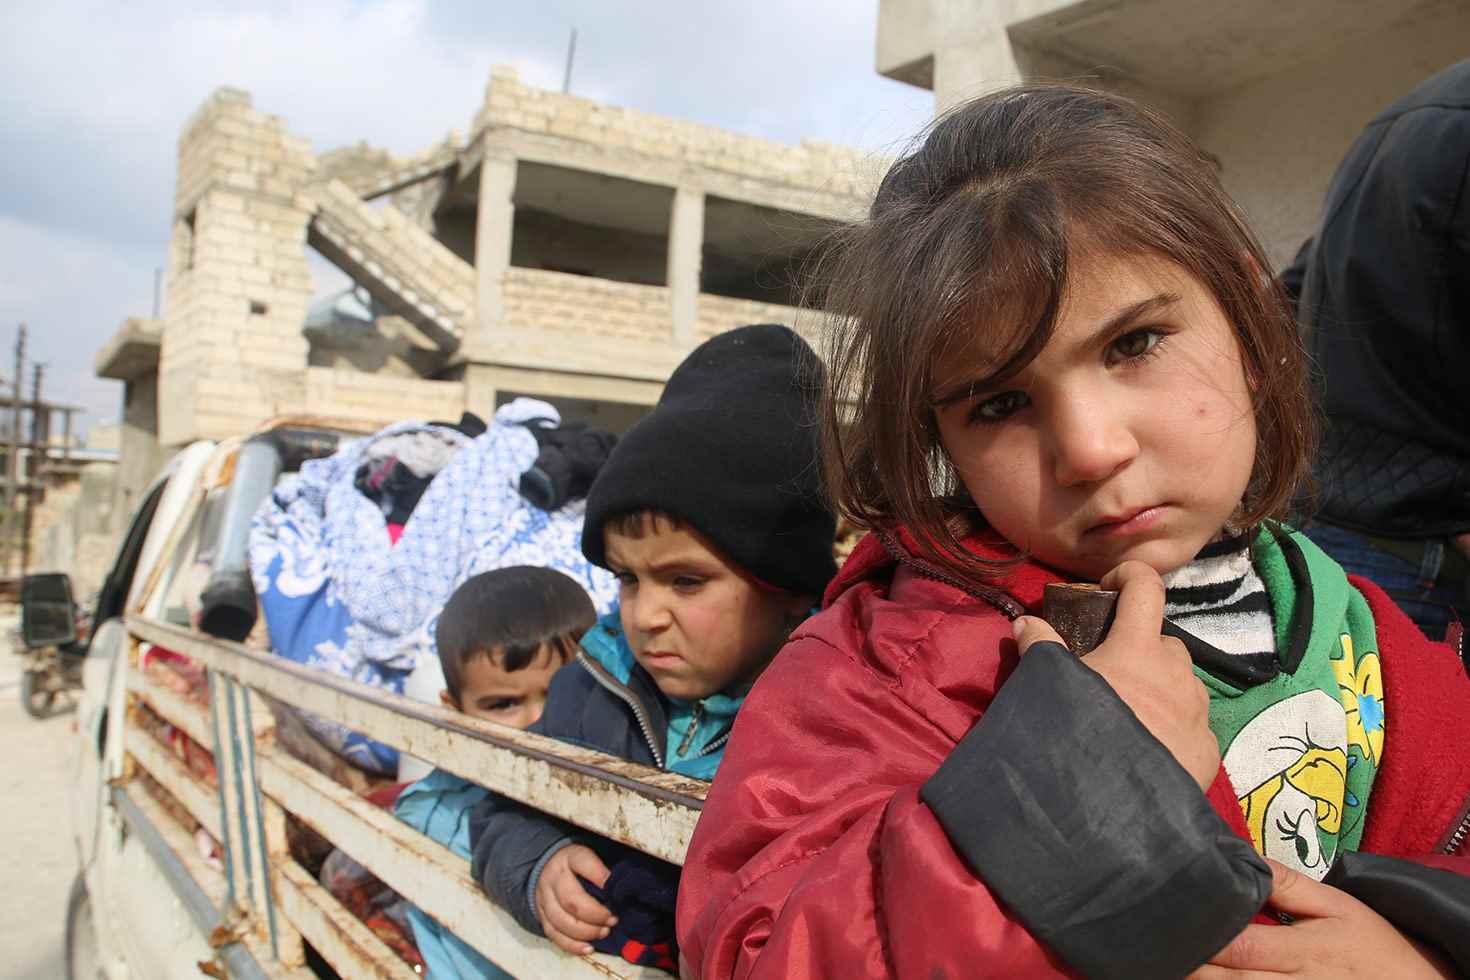 أطفال على ظهر شاحنة  أثناء فرار العائلات من سراقب وأريحا هربًا من التصعيد العسكري في المنطقة- كانون الثاني 2020 (يونيسيف)